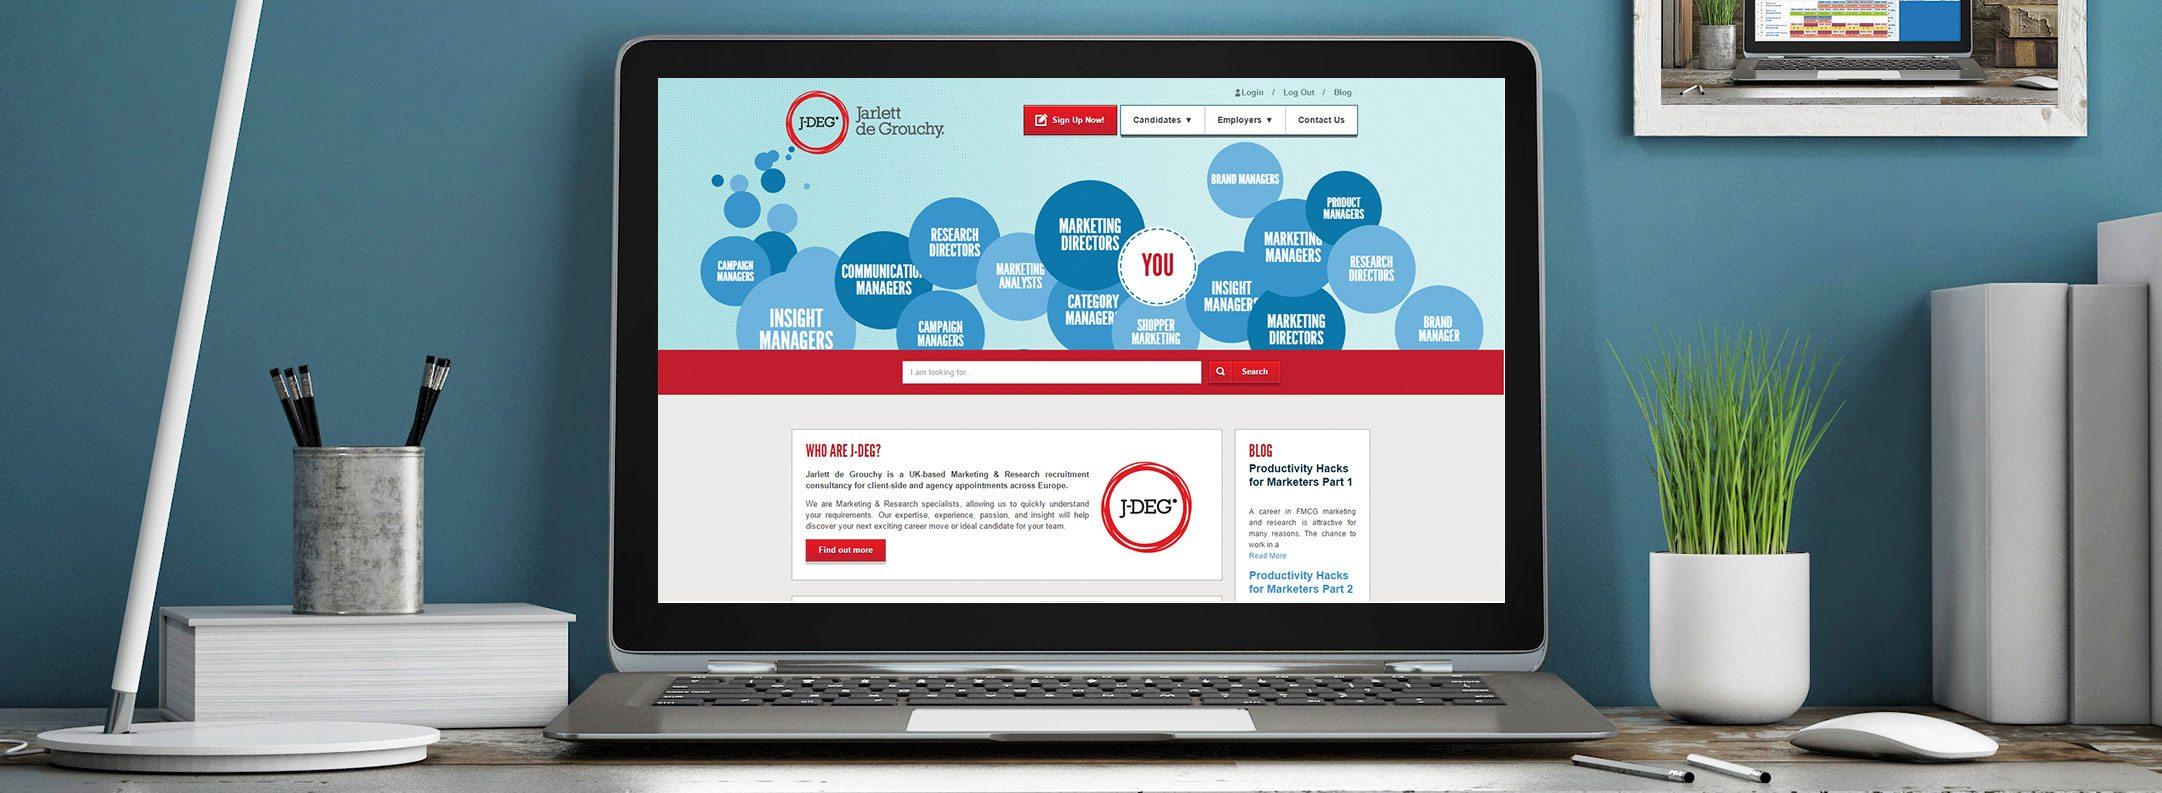 Website-banner-jdeg